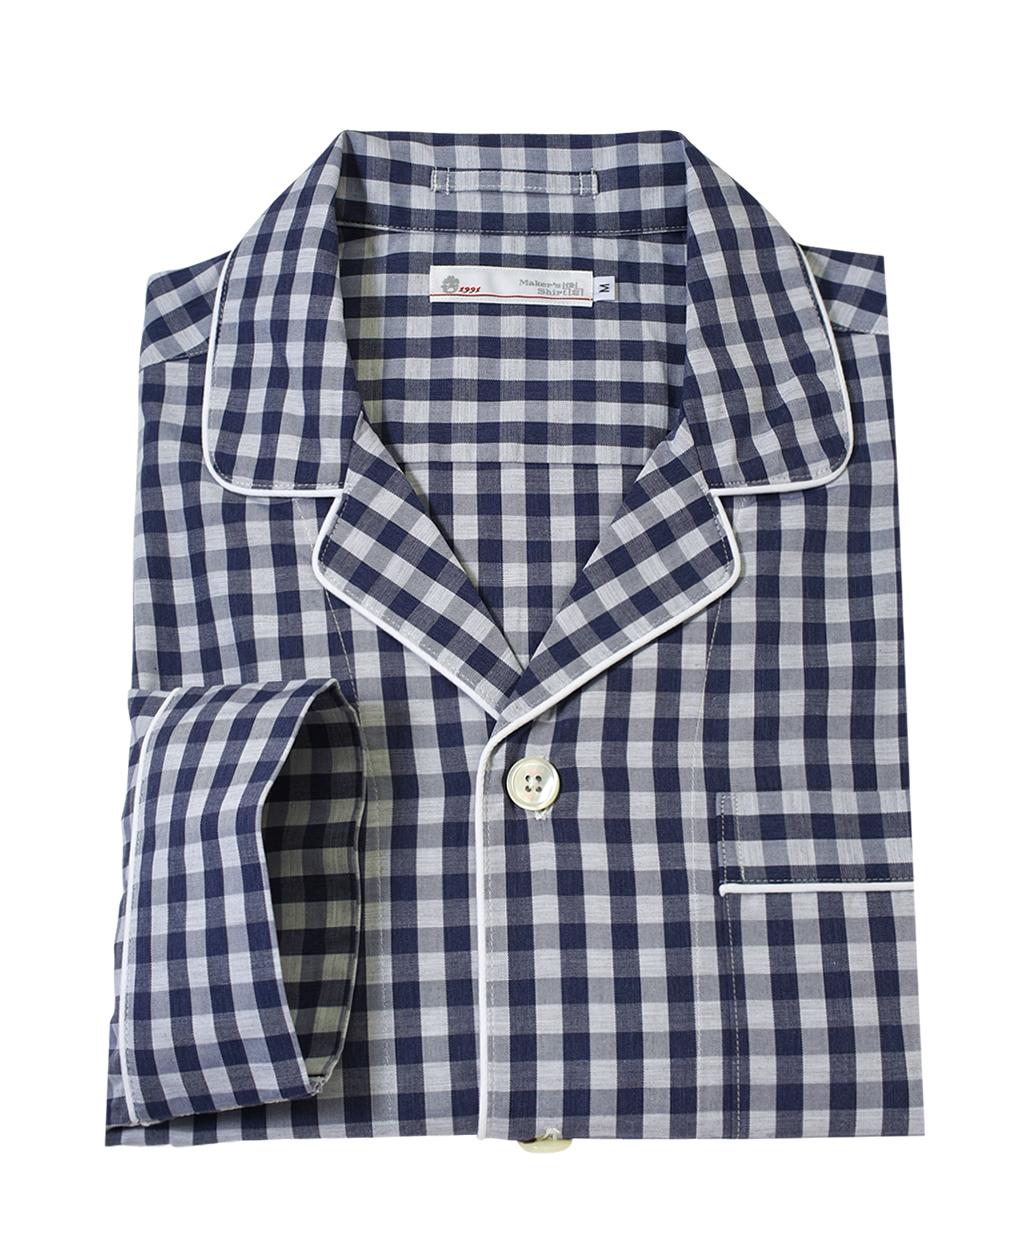 86cb2b41c0788e メンズ綿パジャマ(L ブルー系): メンズ | メーカーズシャツ鎌倉 公式通販 ...